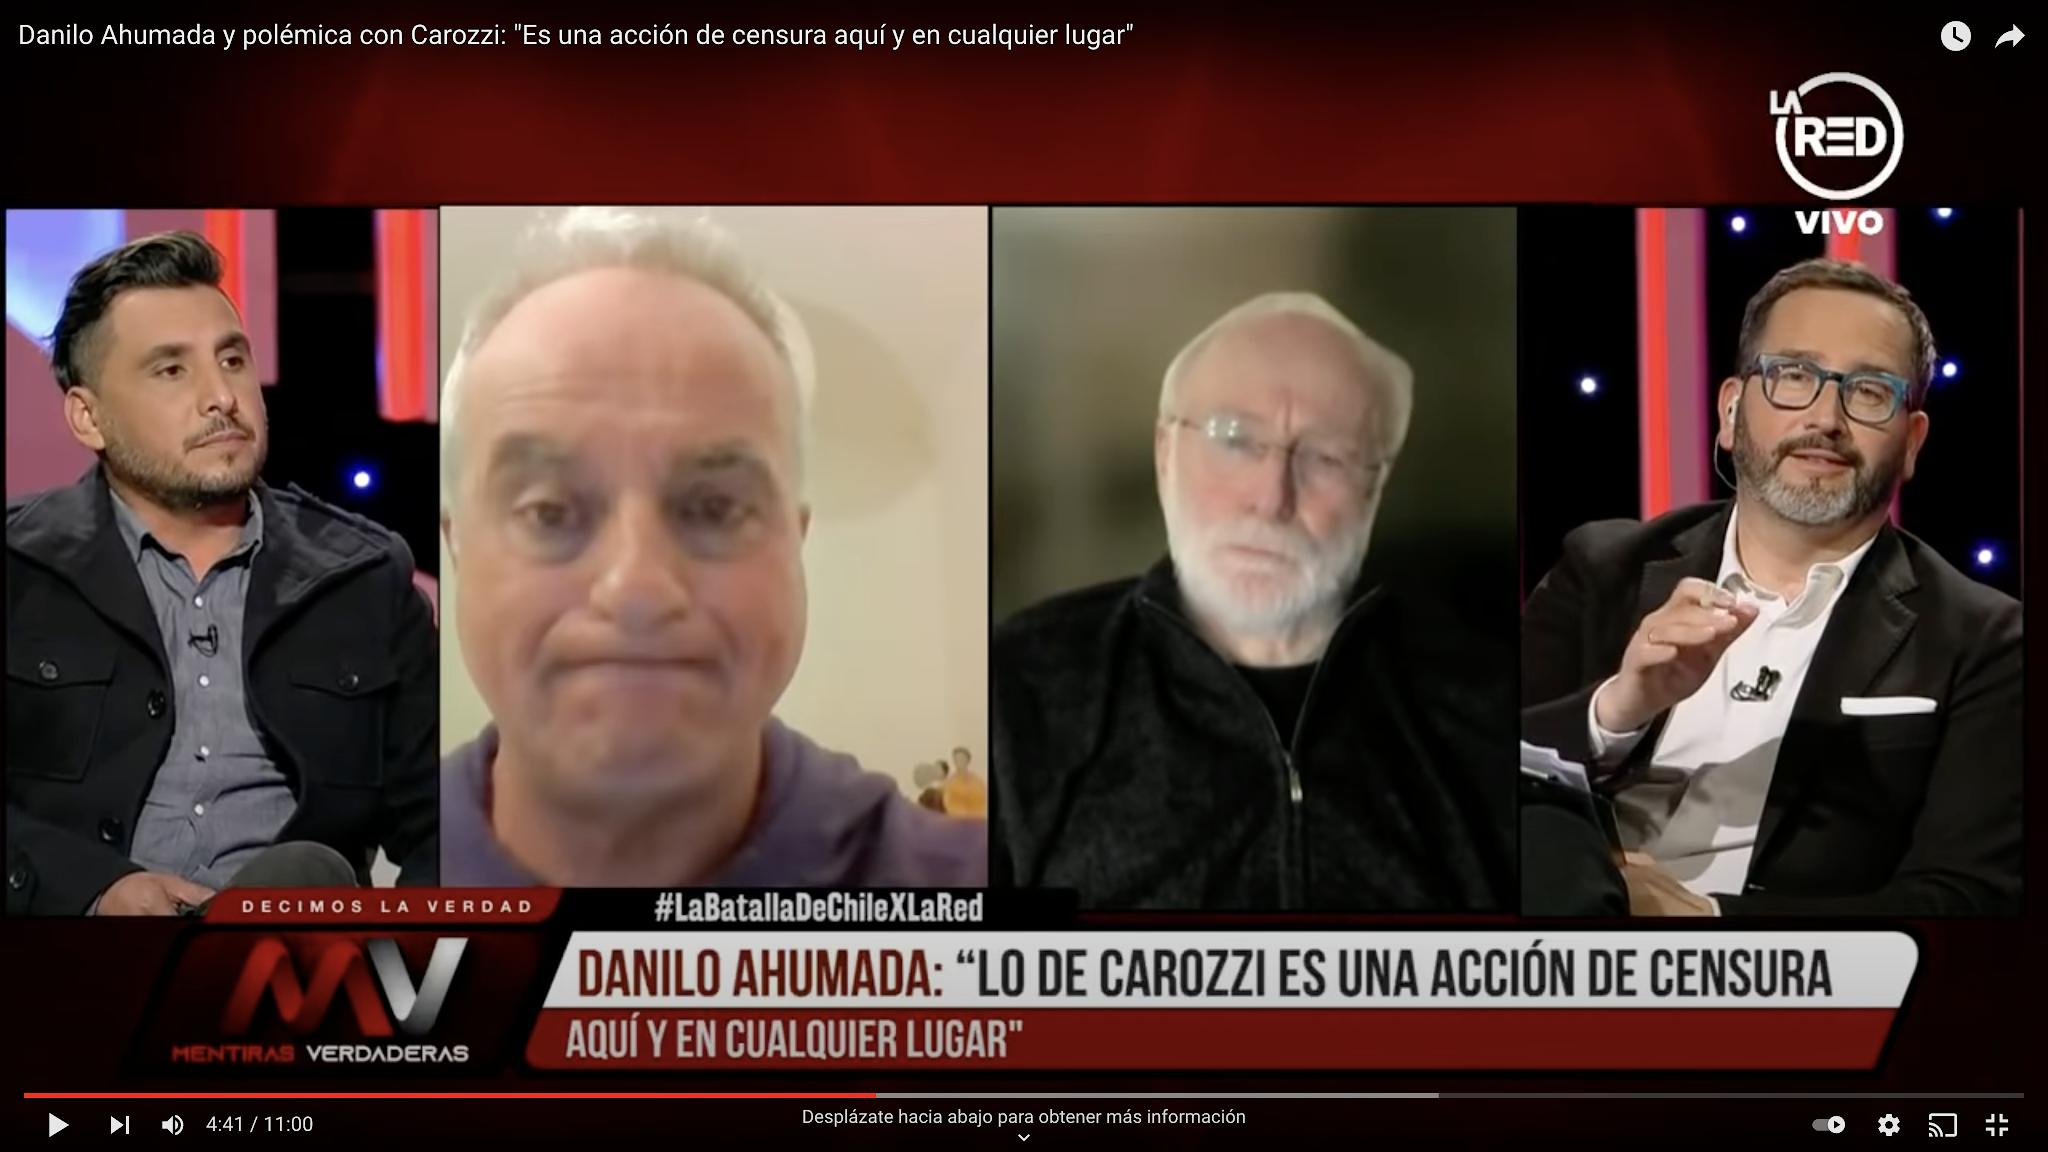 """Danilo Ahumada y polémica con Carozzi: """"Es una acción de censura aquí y en cualquier lugar"""""""